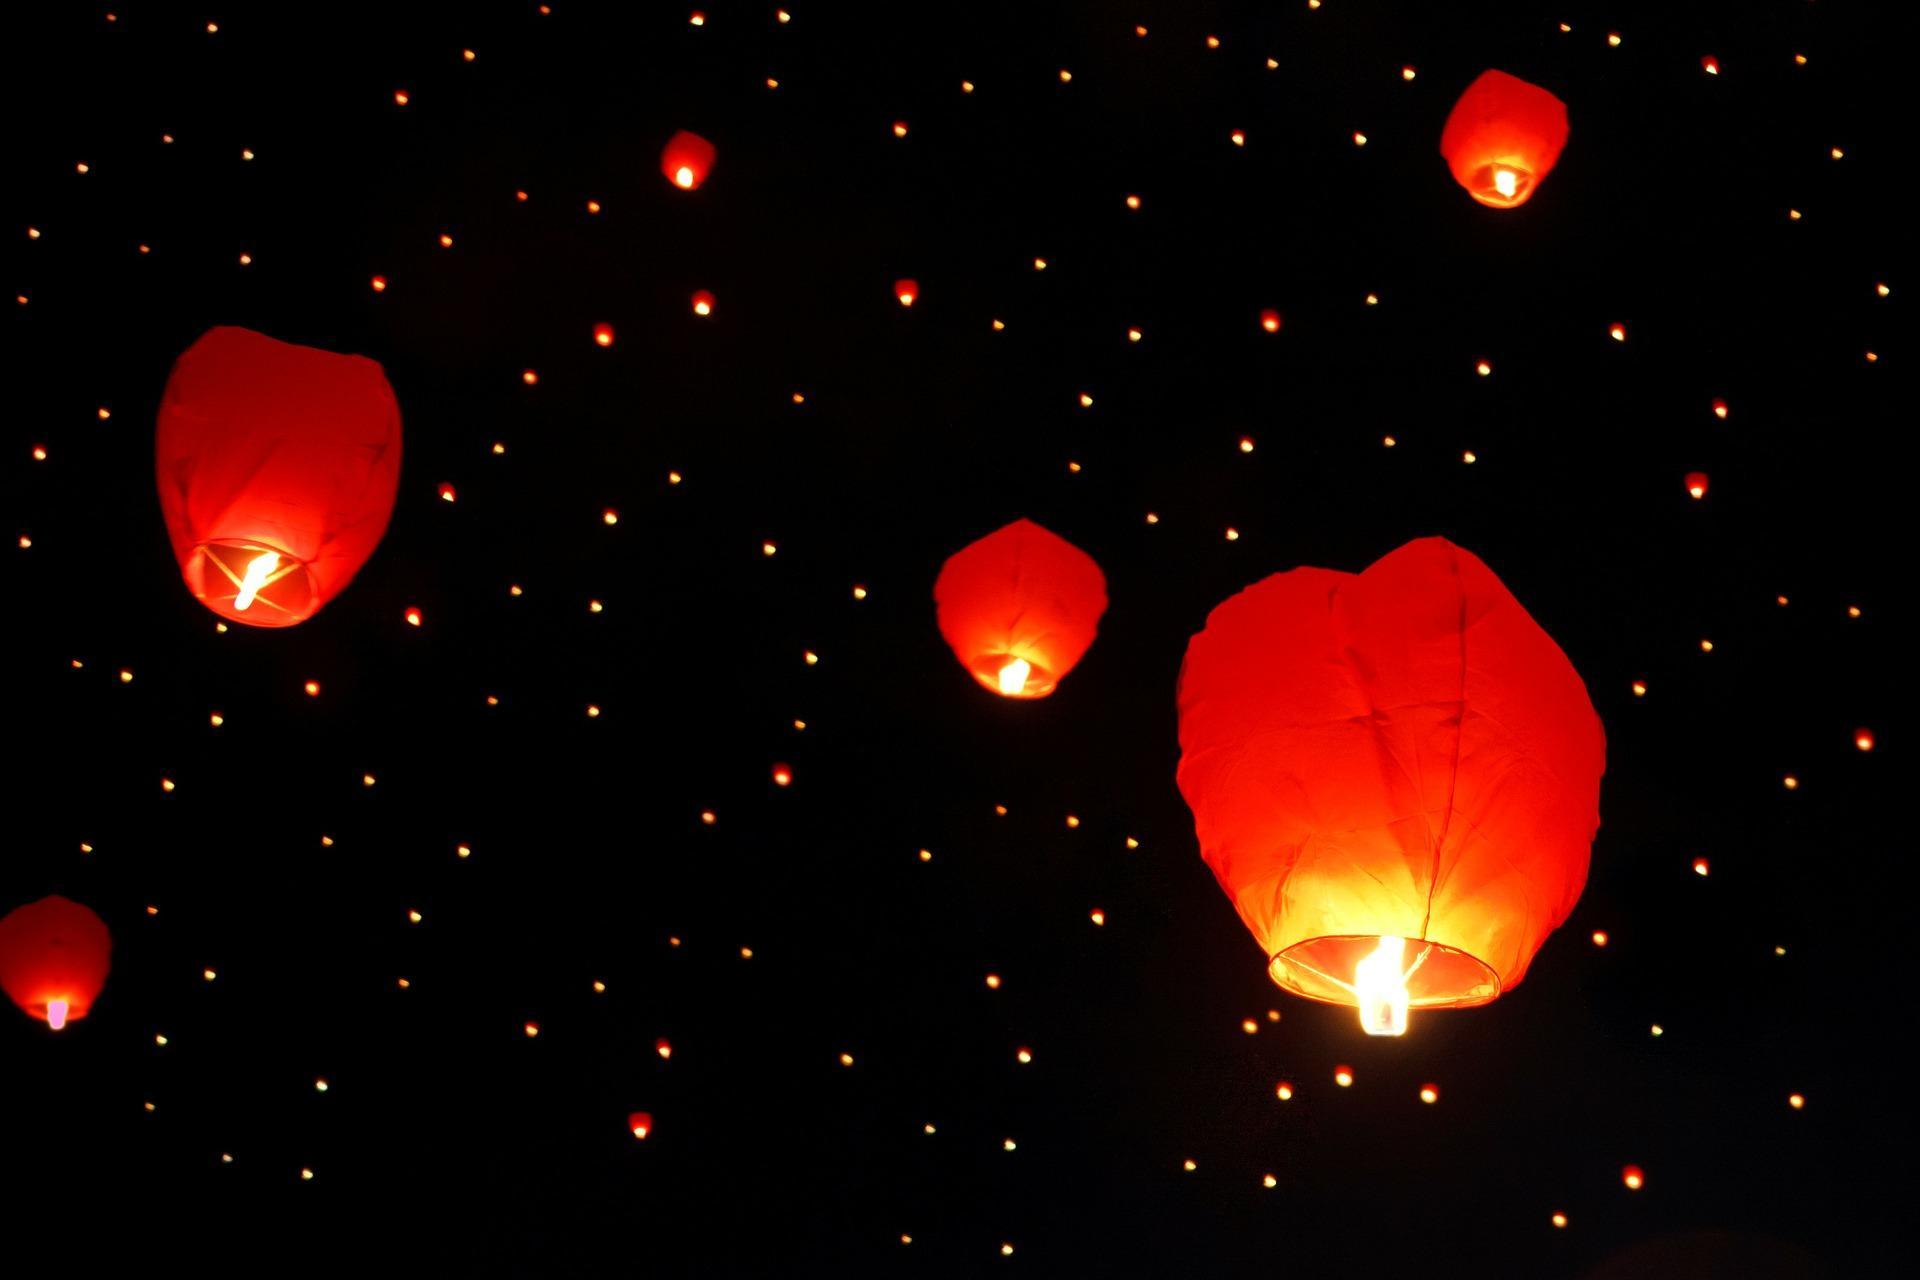 La notte degli artisti e delle lampade cinesi